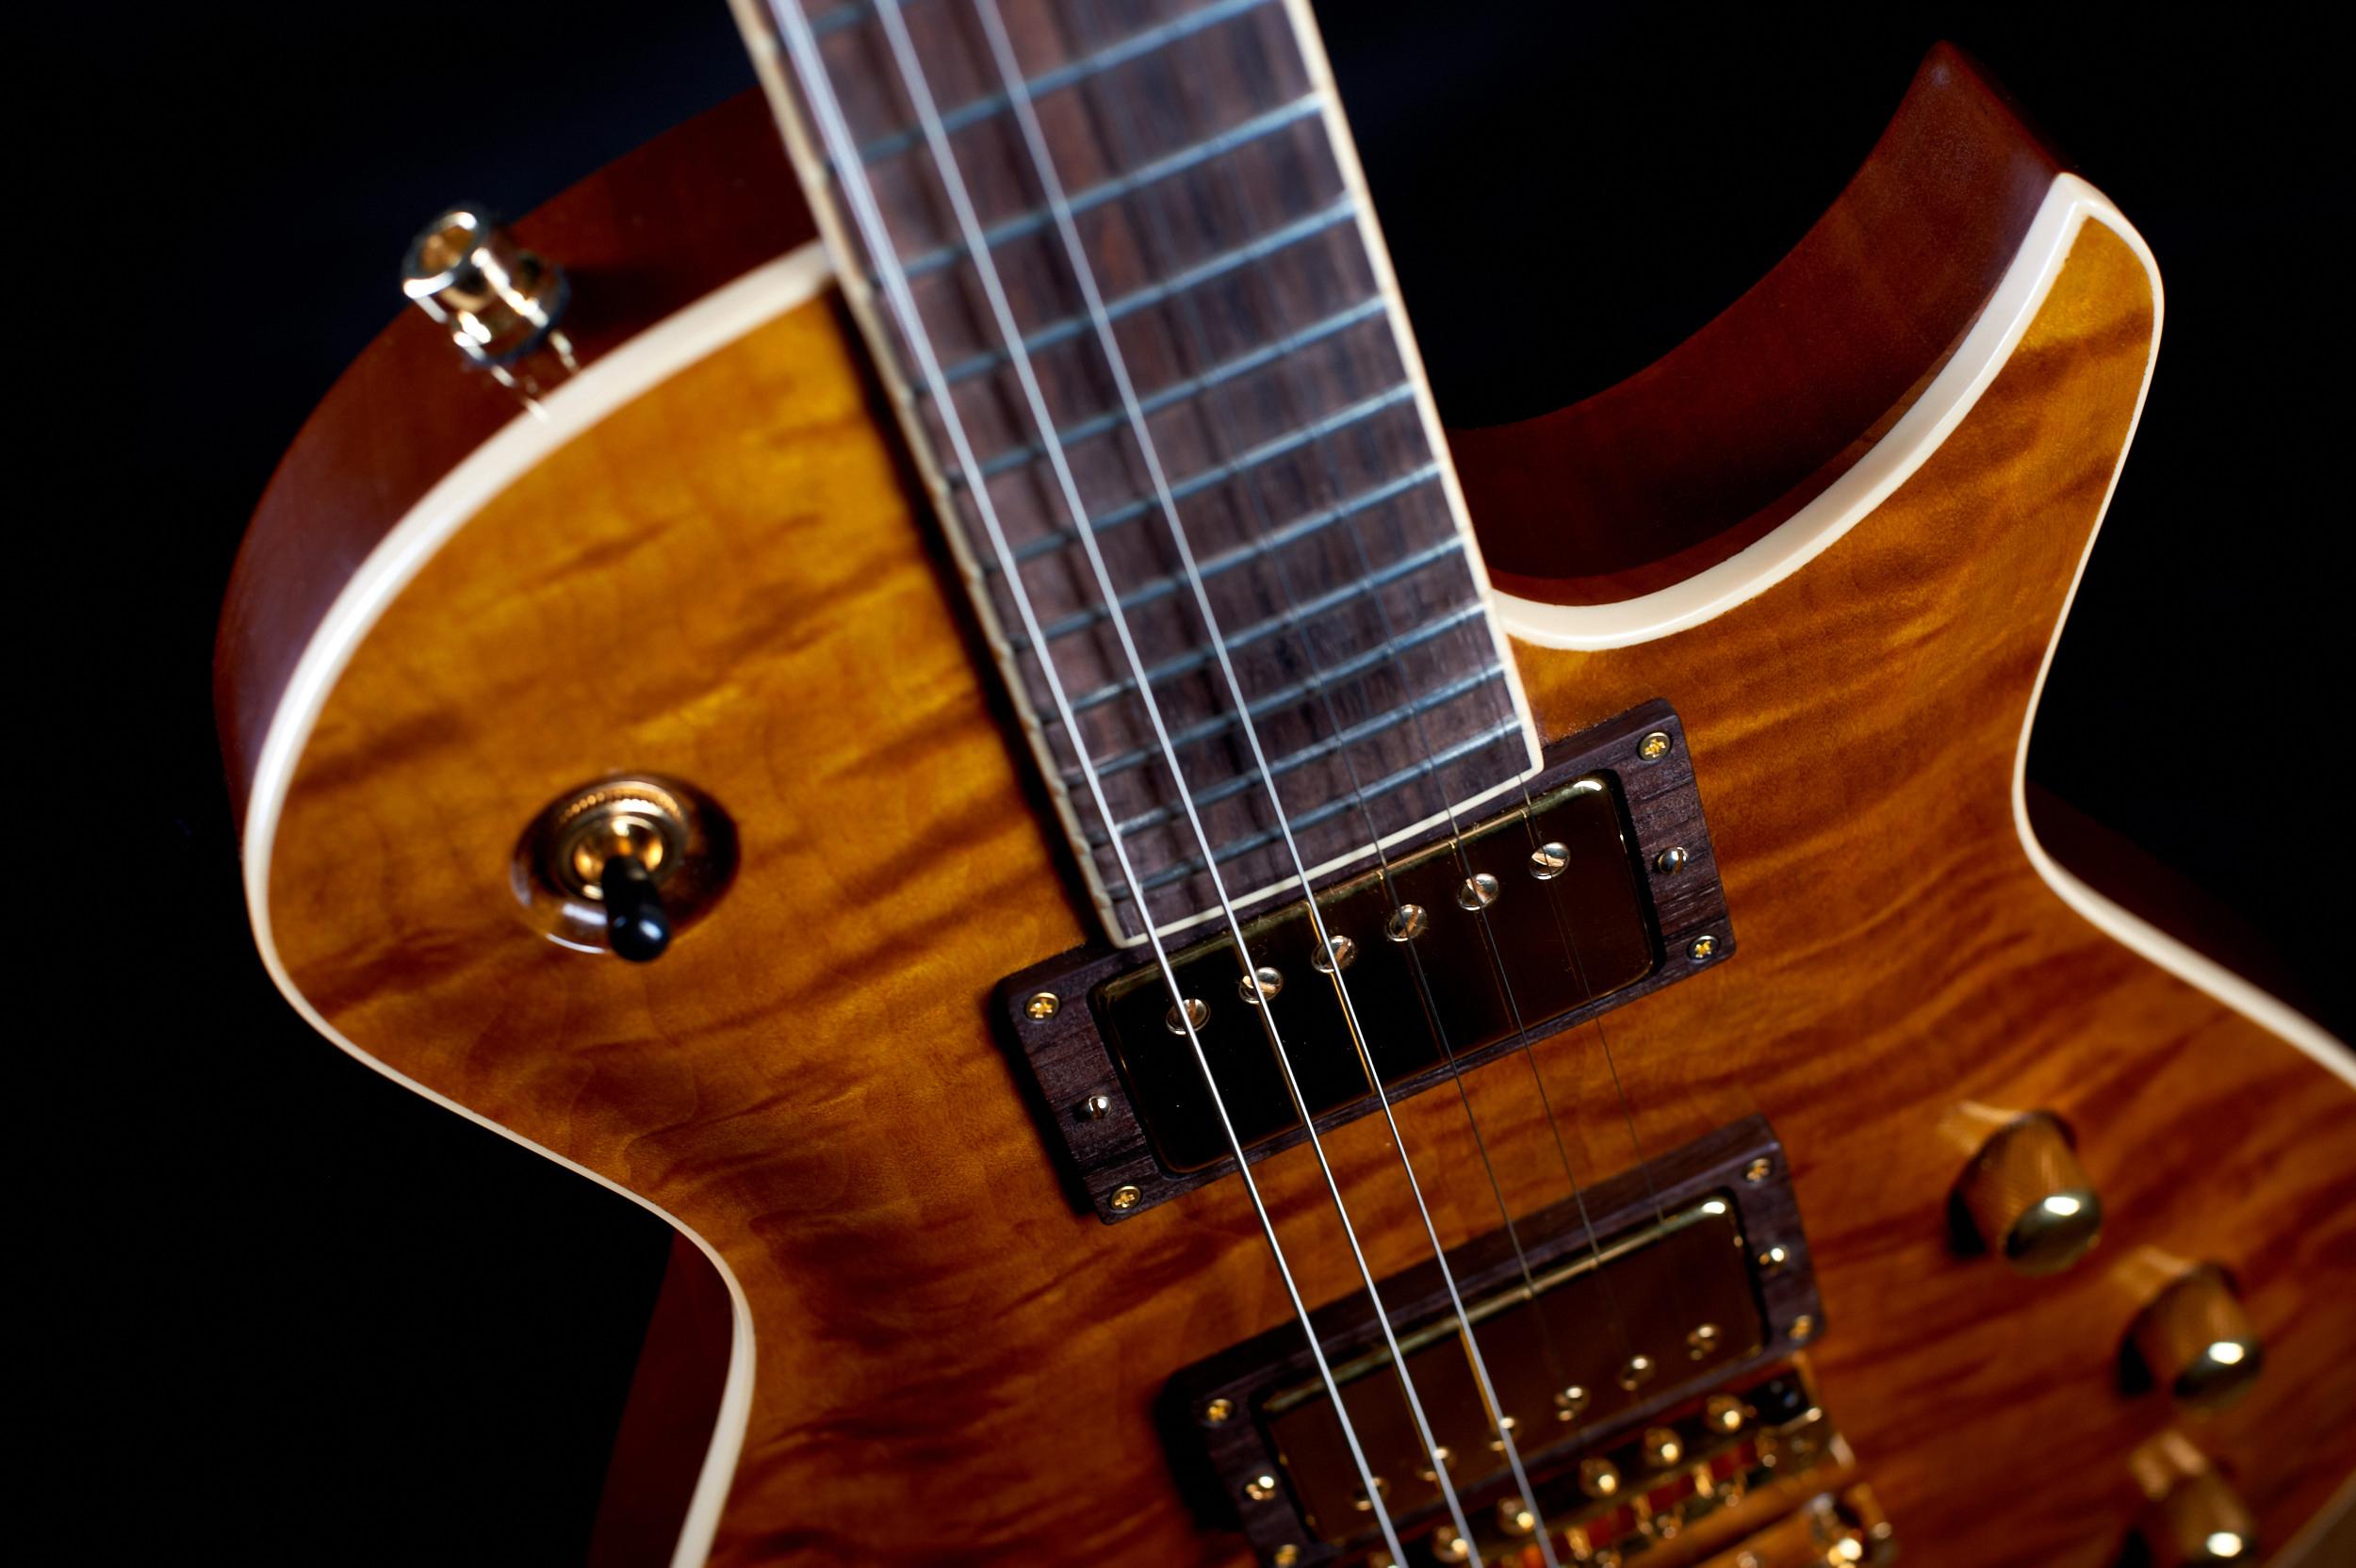 Touchedup-Brutal-Guit-05-07-2012-9.jpg